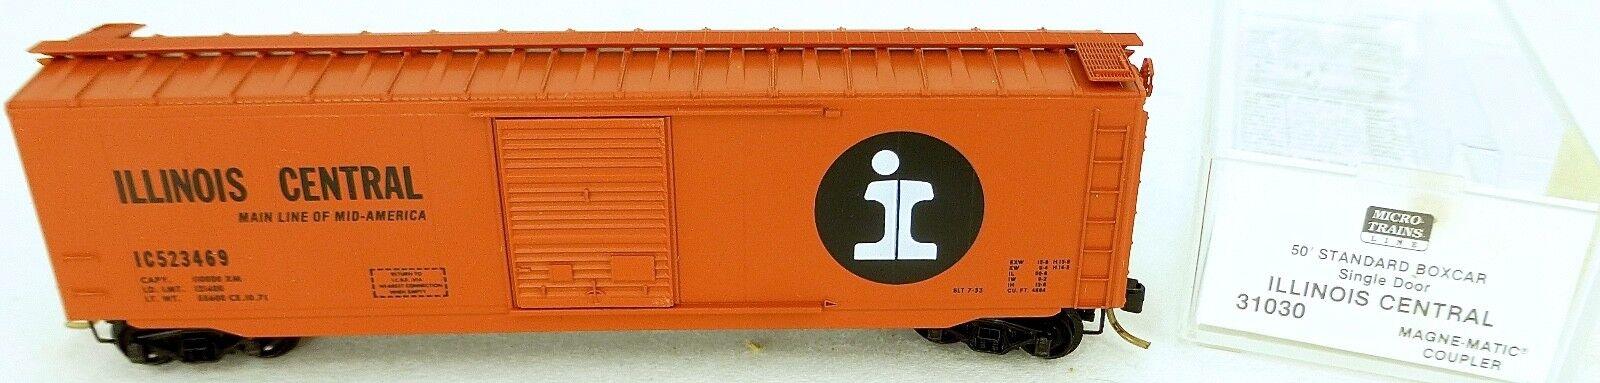 50´ Standard Boîte Illinois Centrale 523469 Micro Trains Ligne 31030 N 1 160 C Å